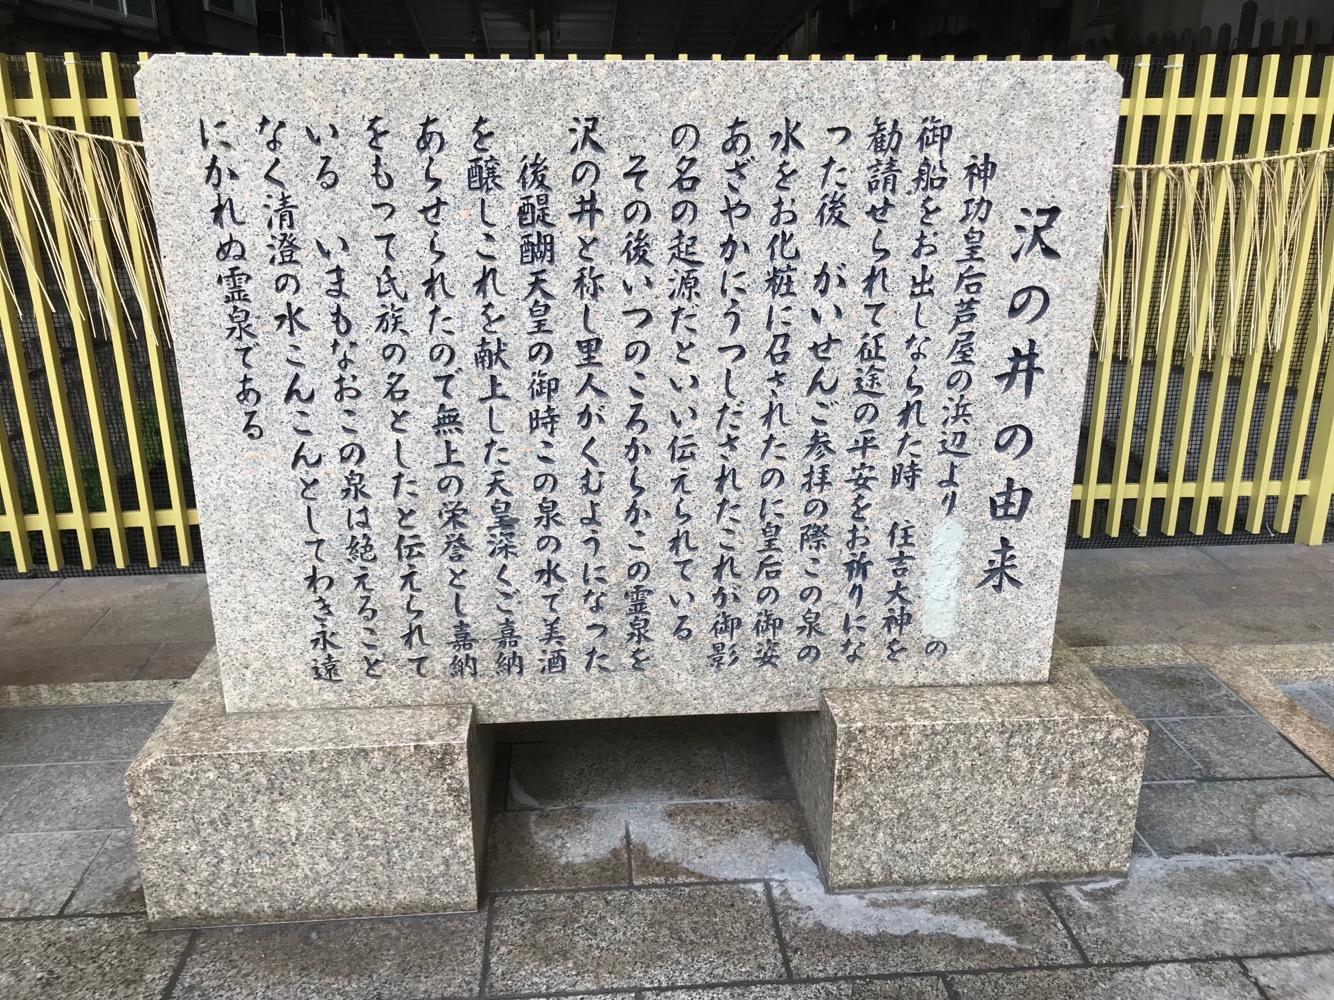 御影石の「御影」の由来を(神戸支店ご近所探訪)